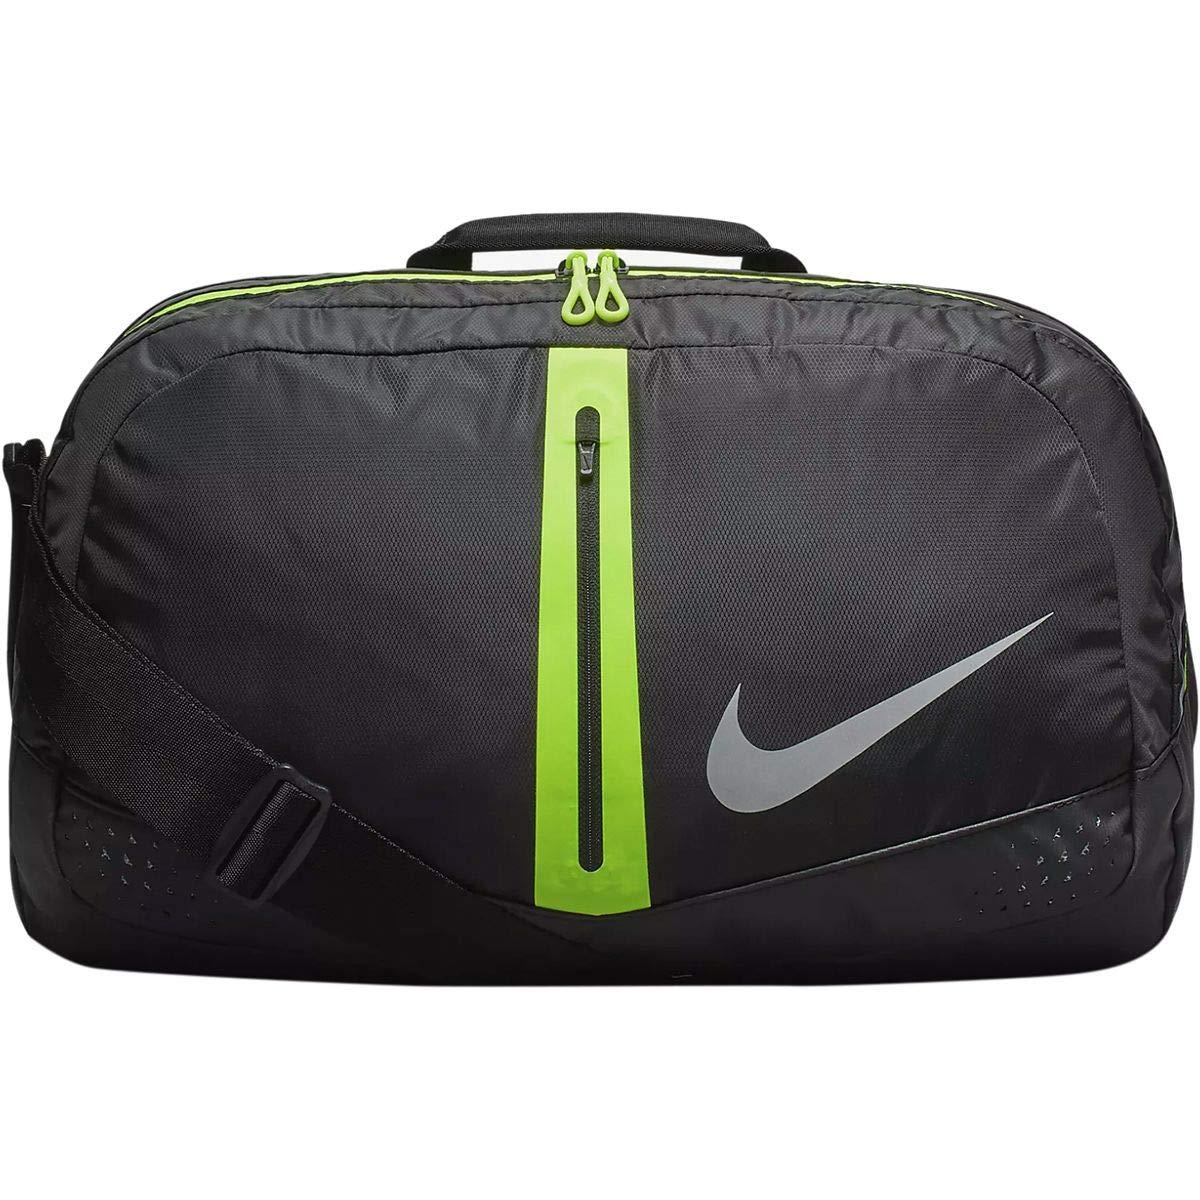 [ナイキ Nike] メンズ バッグ ボストンバッグ Run 34L Duffel [並行輸入品] B07MT8QM12  No-Size